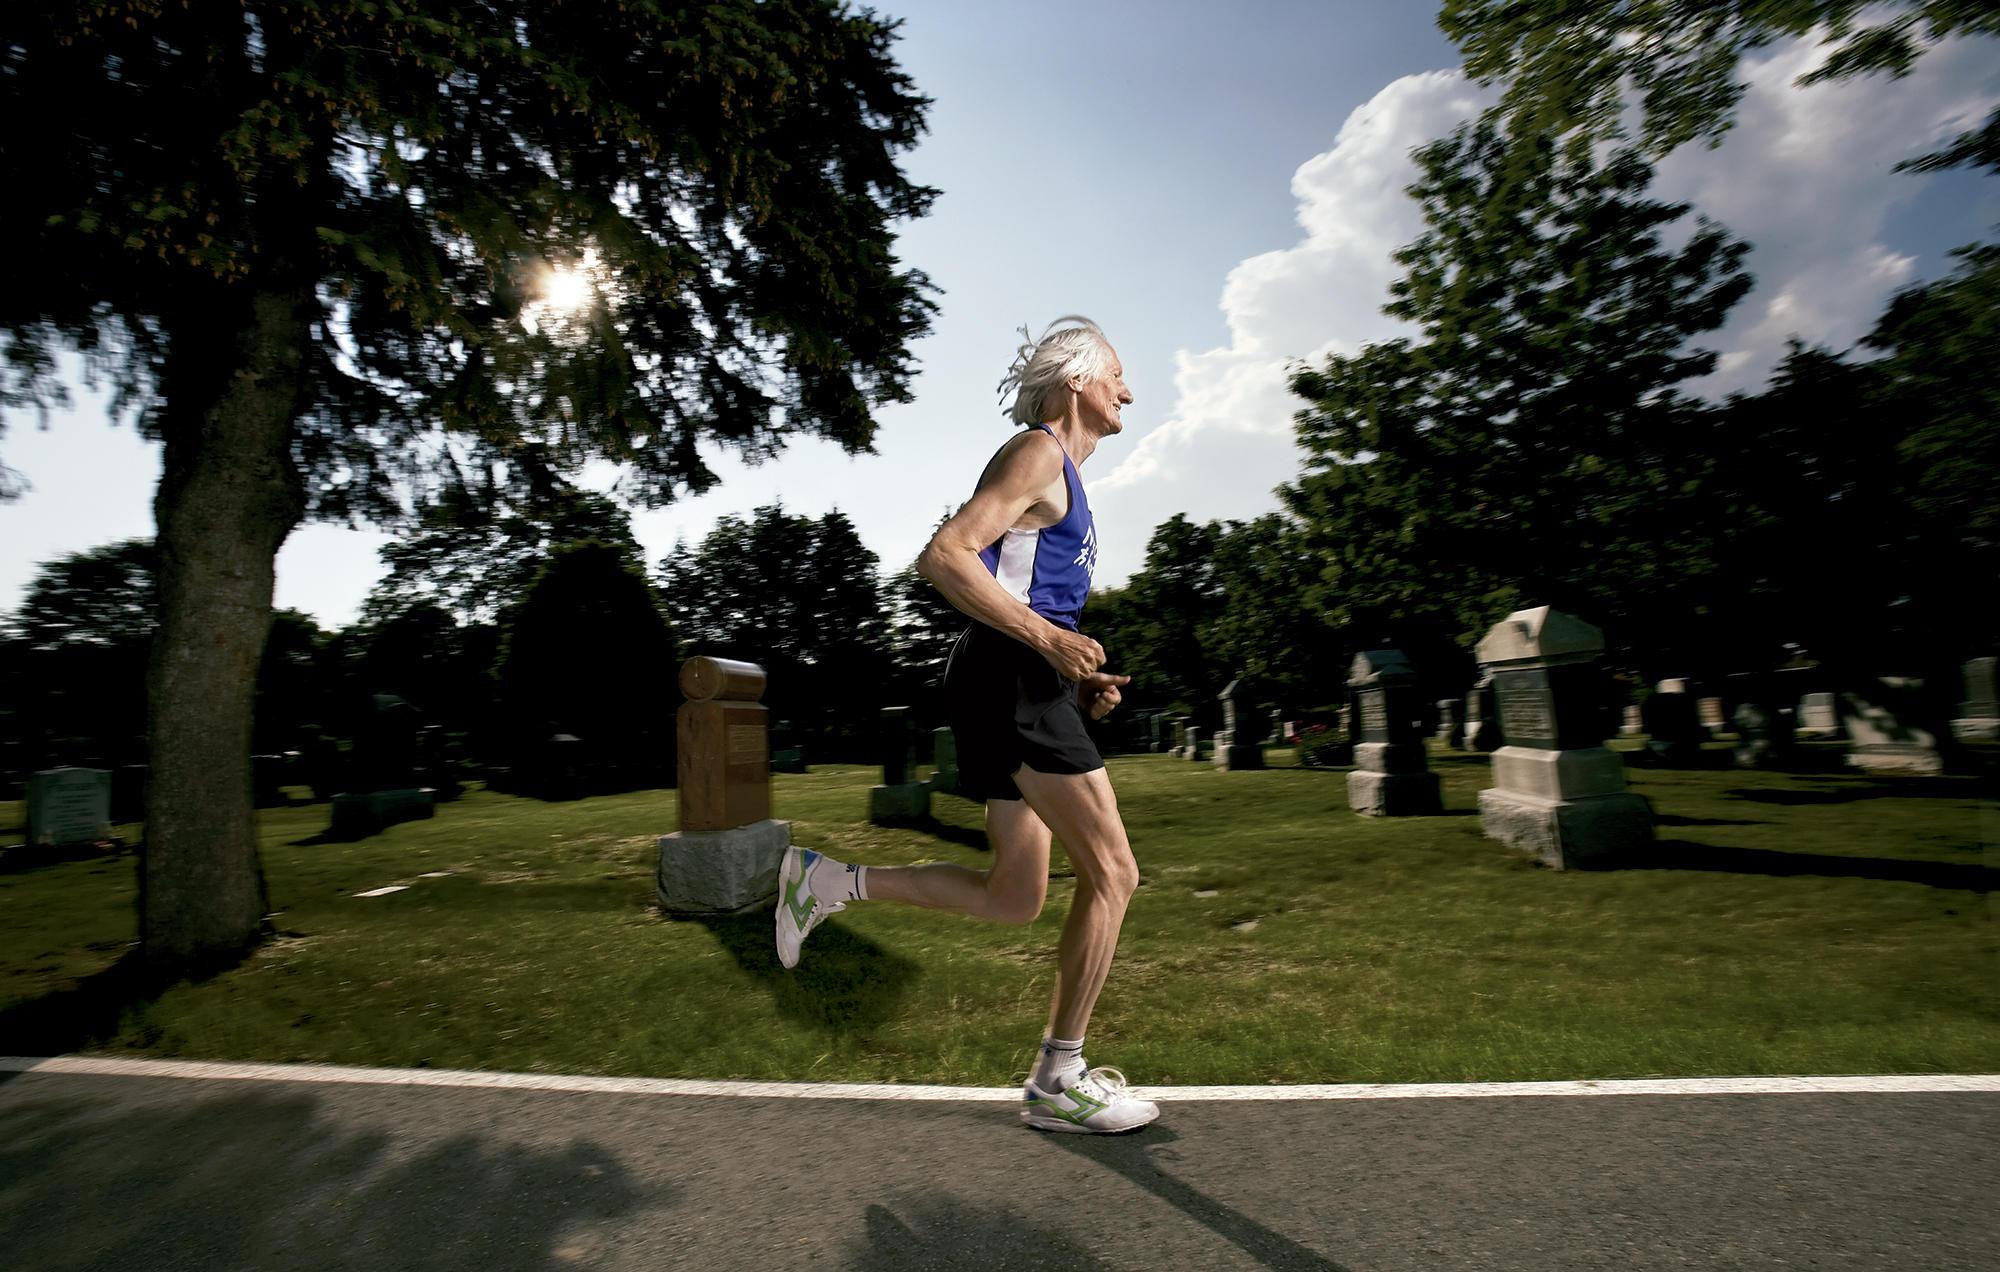 Masters Marathon Legend Ed Whitlock Dies at 86